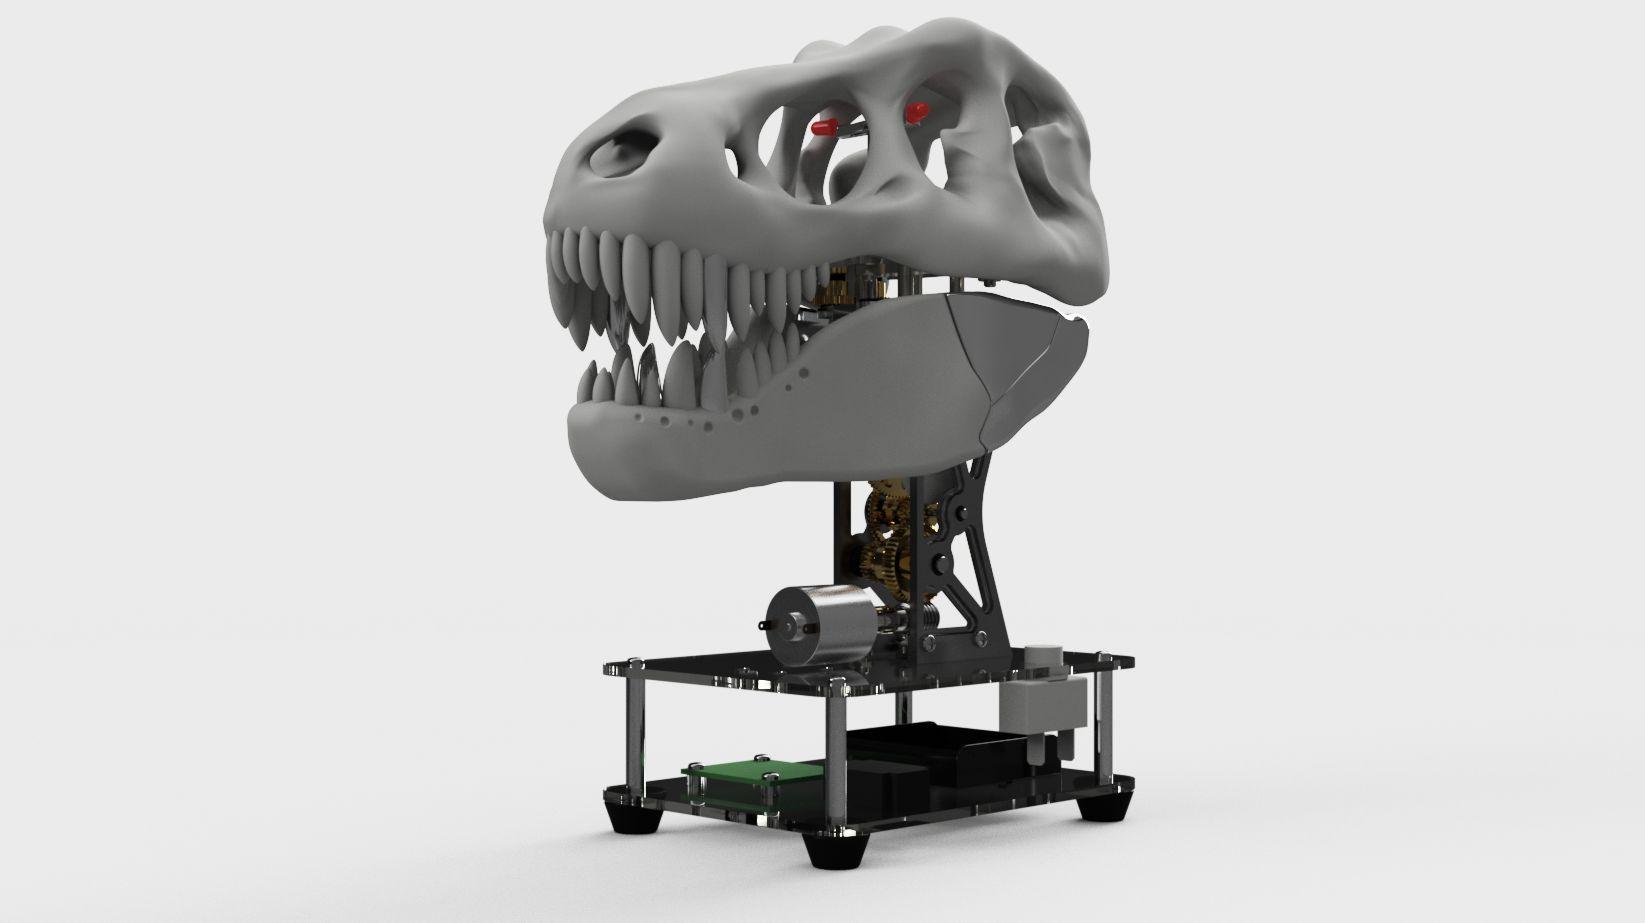 T-rex-v26-001-3500-3500